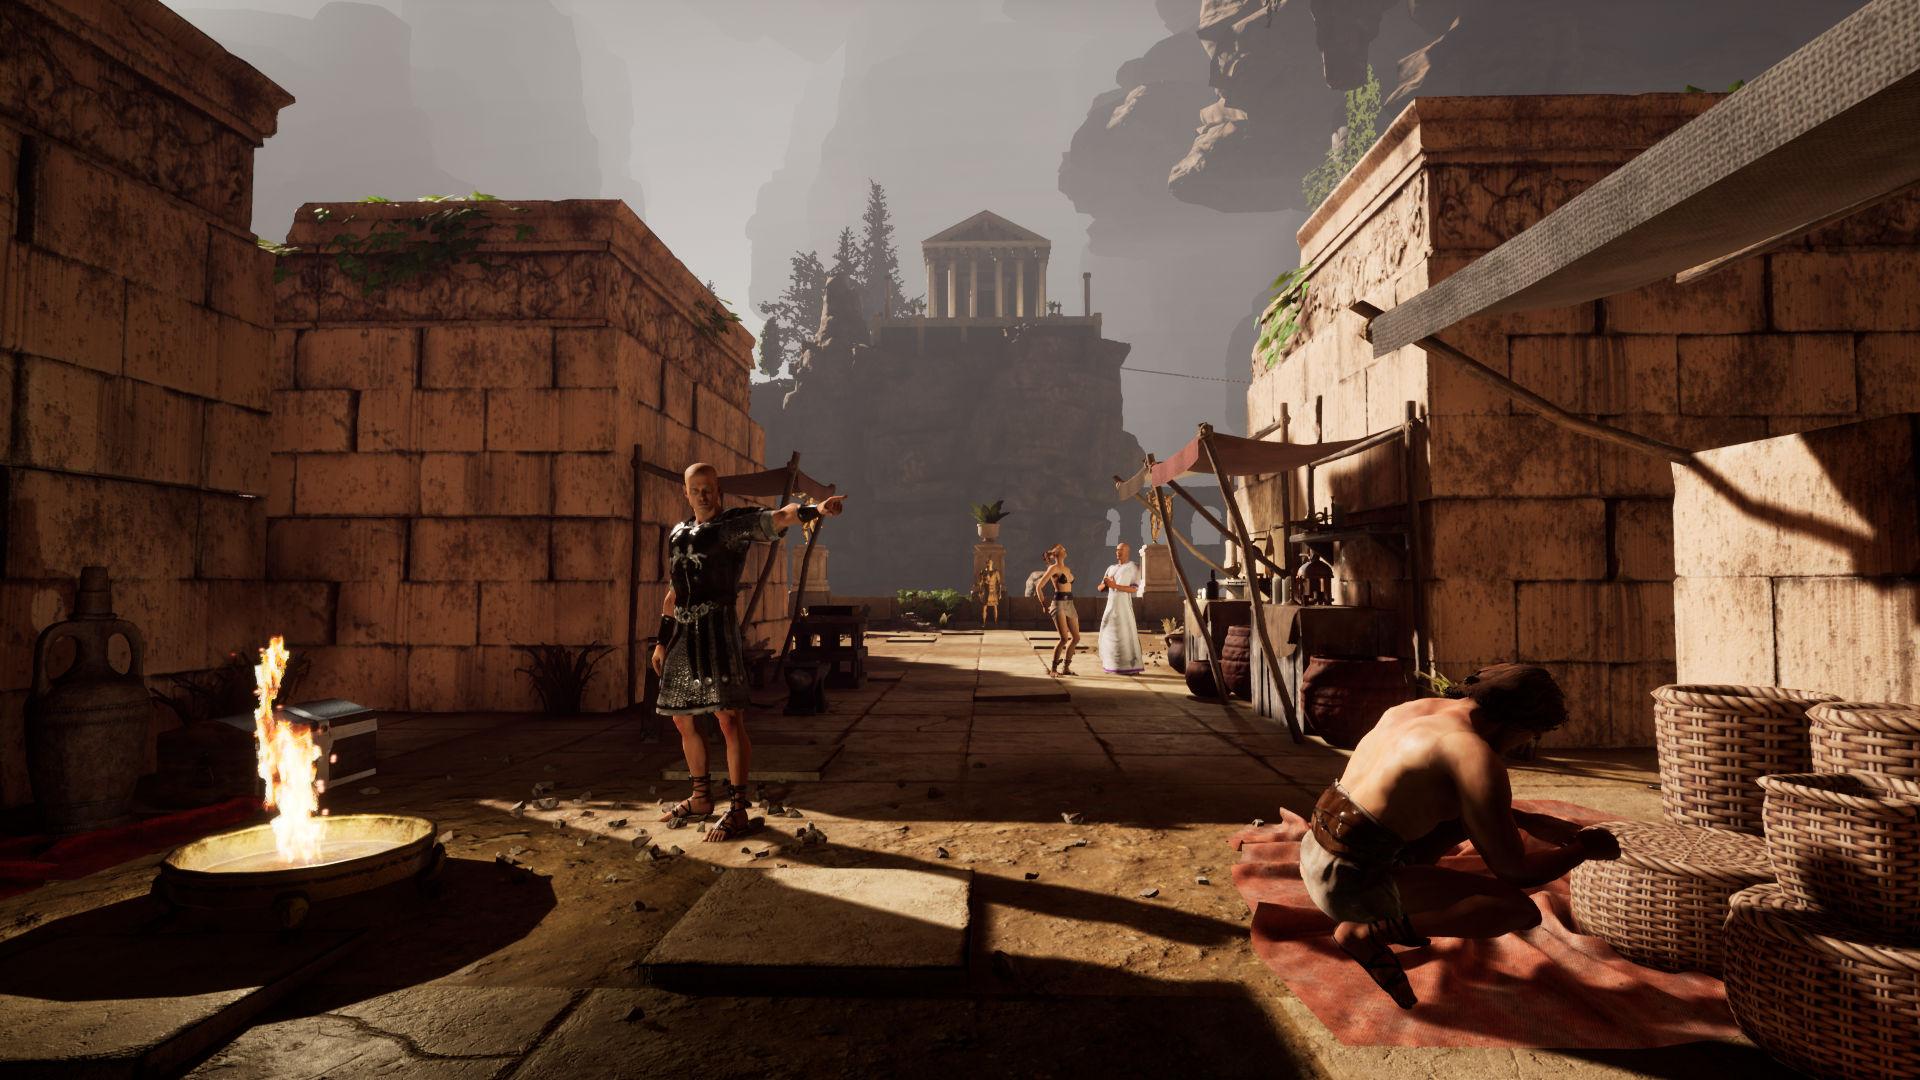 the-forgotten-city-collectors-pc-screenshot-3